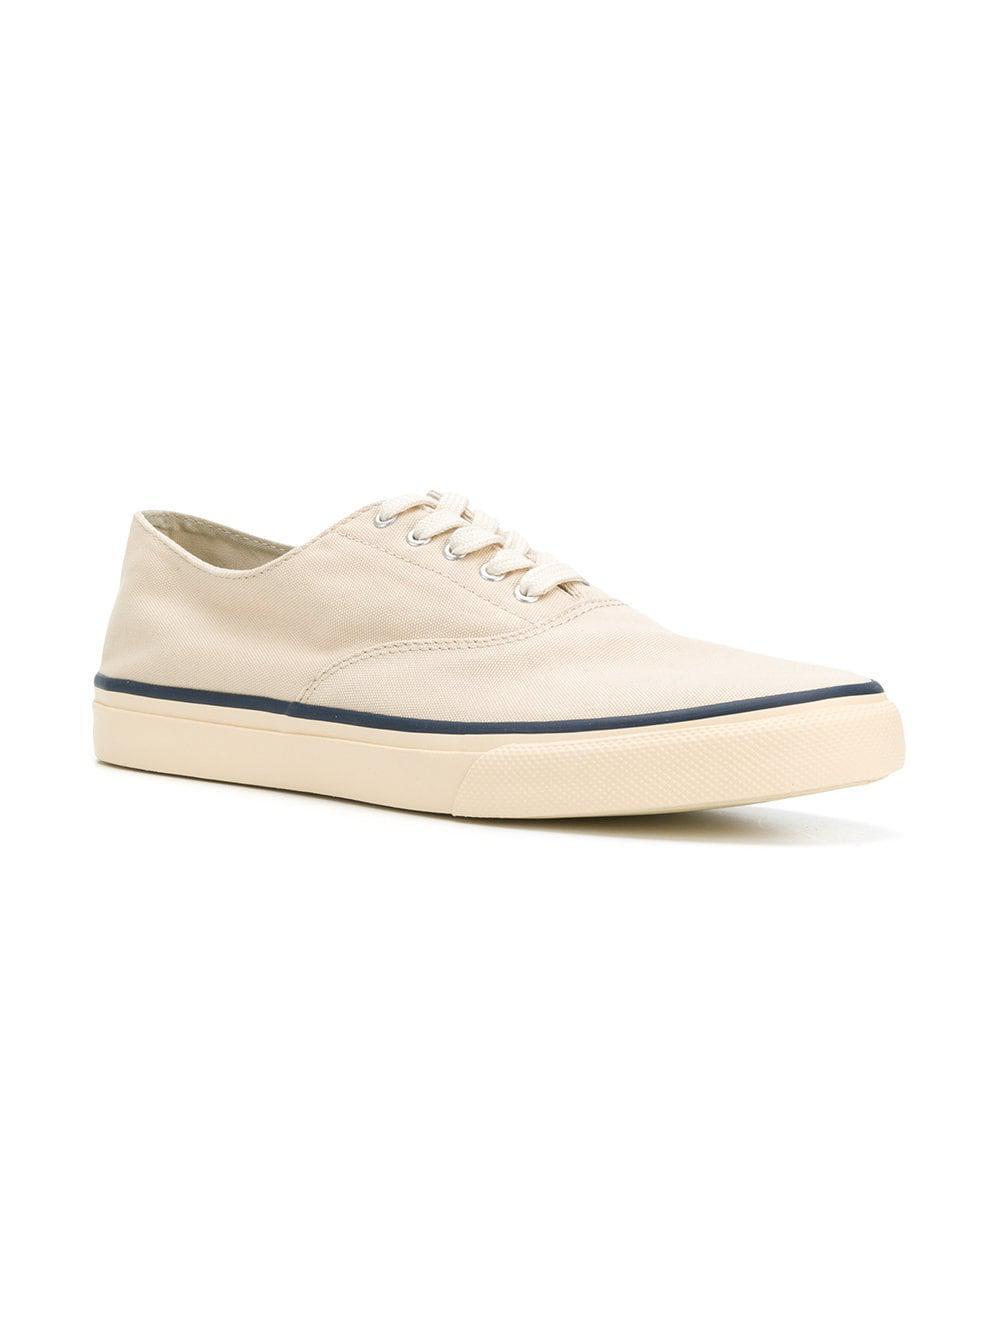 608748644b6 ... White Low Top Sneakers for Men - Lyst. View fullscreen